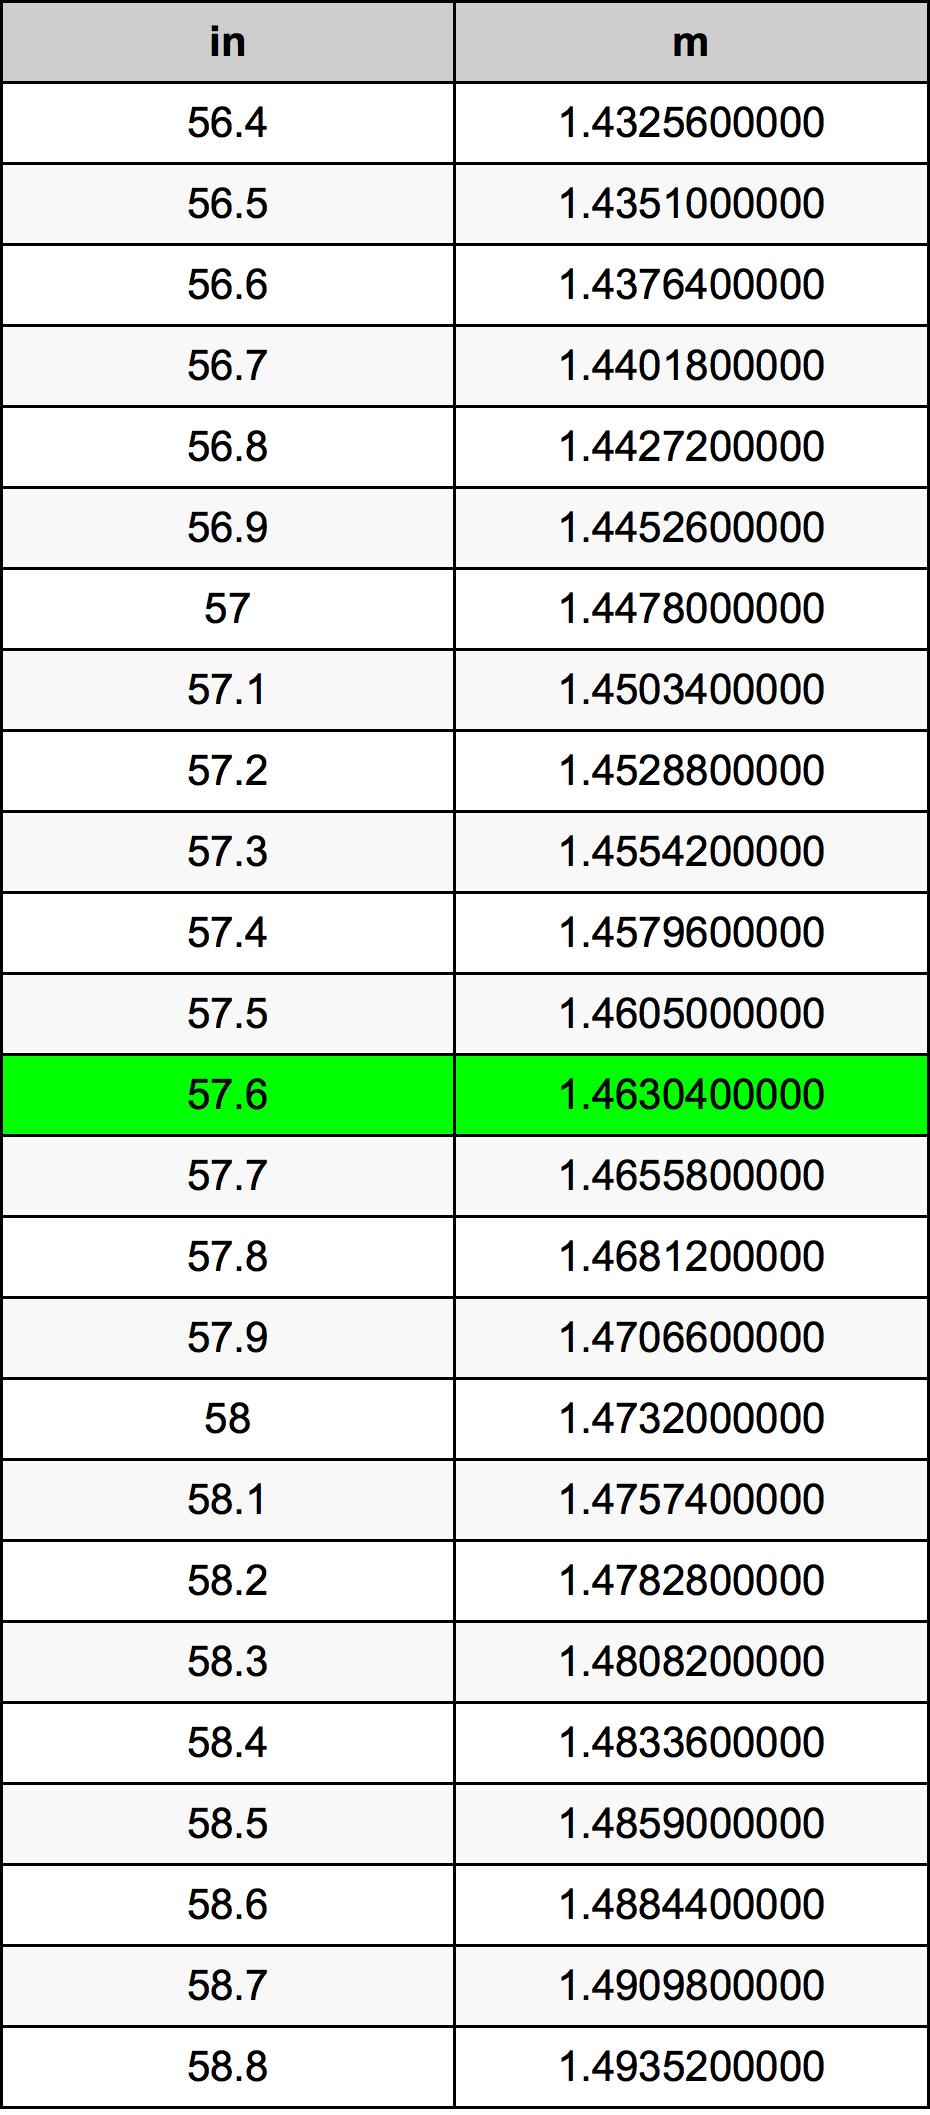 57.6 ίντσα Πίνακας Μετατροπής